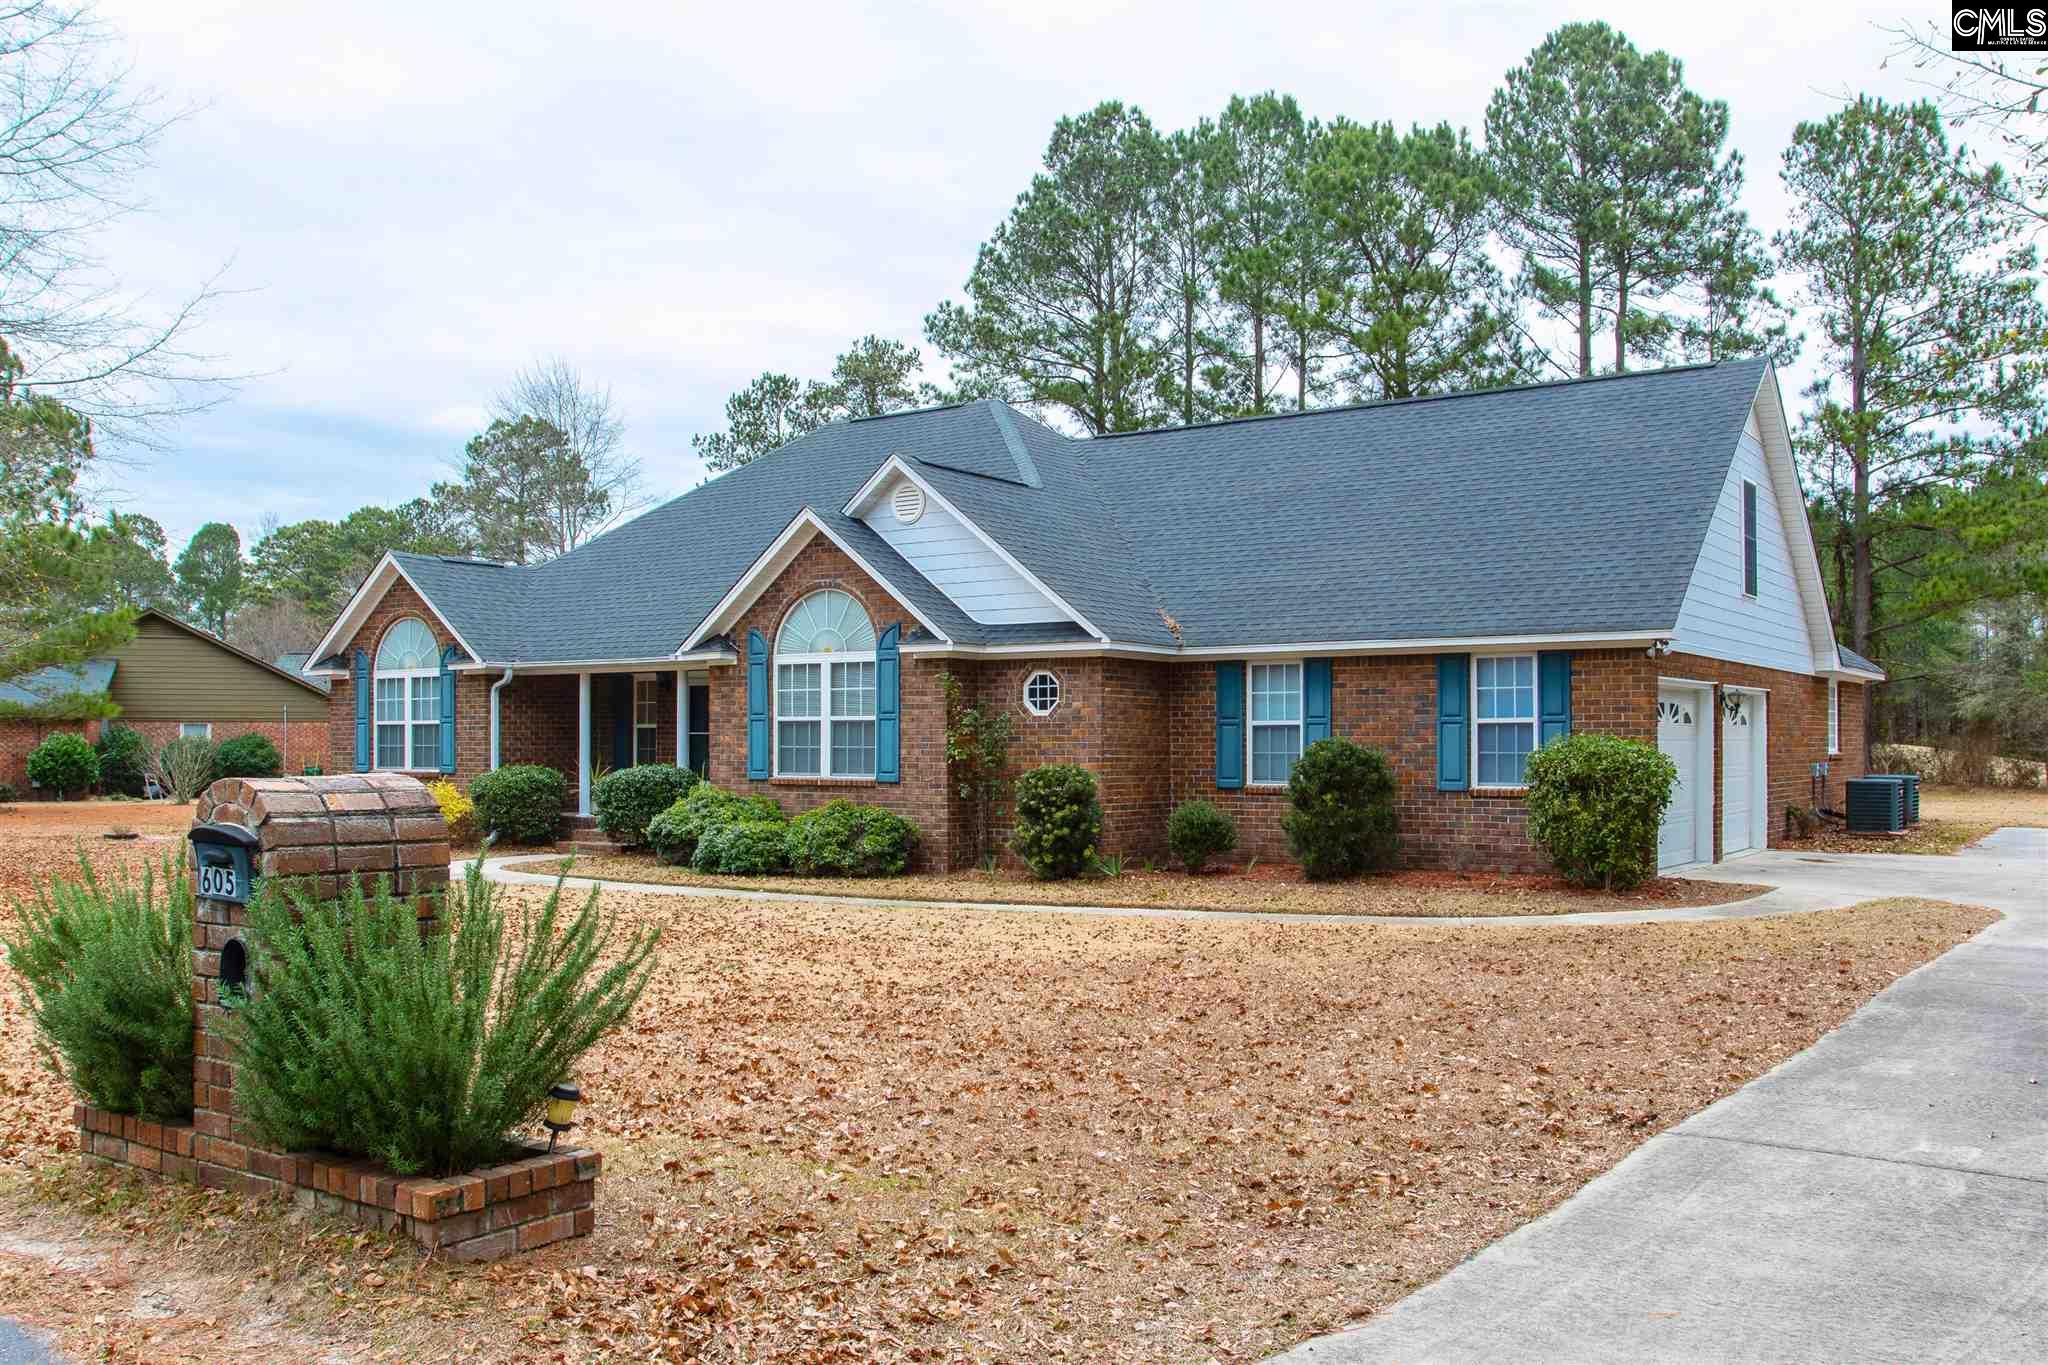 605 Torrey Pines Sumter, SC 29150